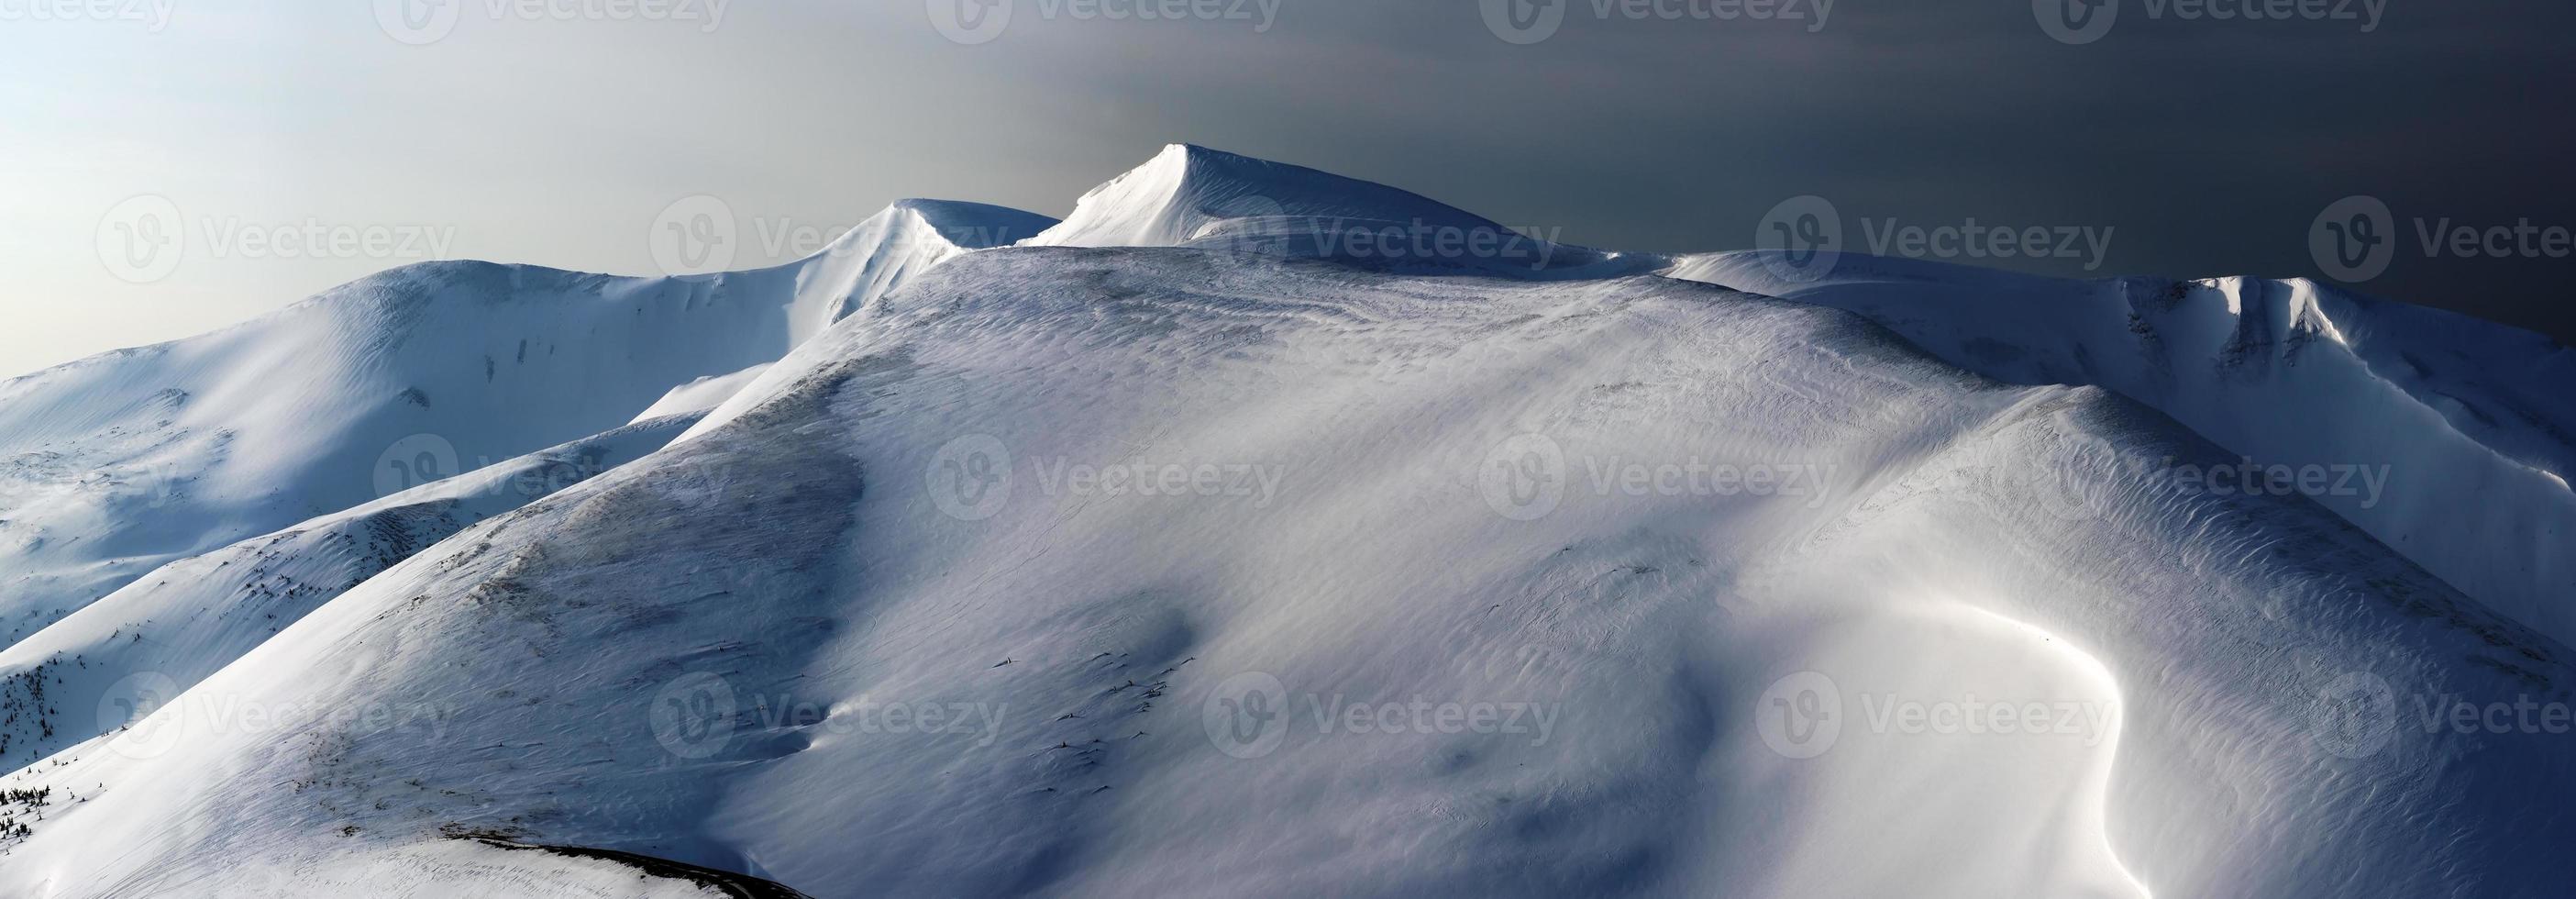 transição dos tons pastéis do dia para a noite nas montanhas de inverno foto